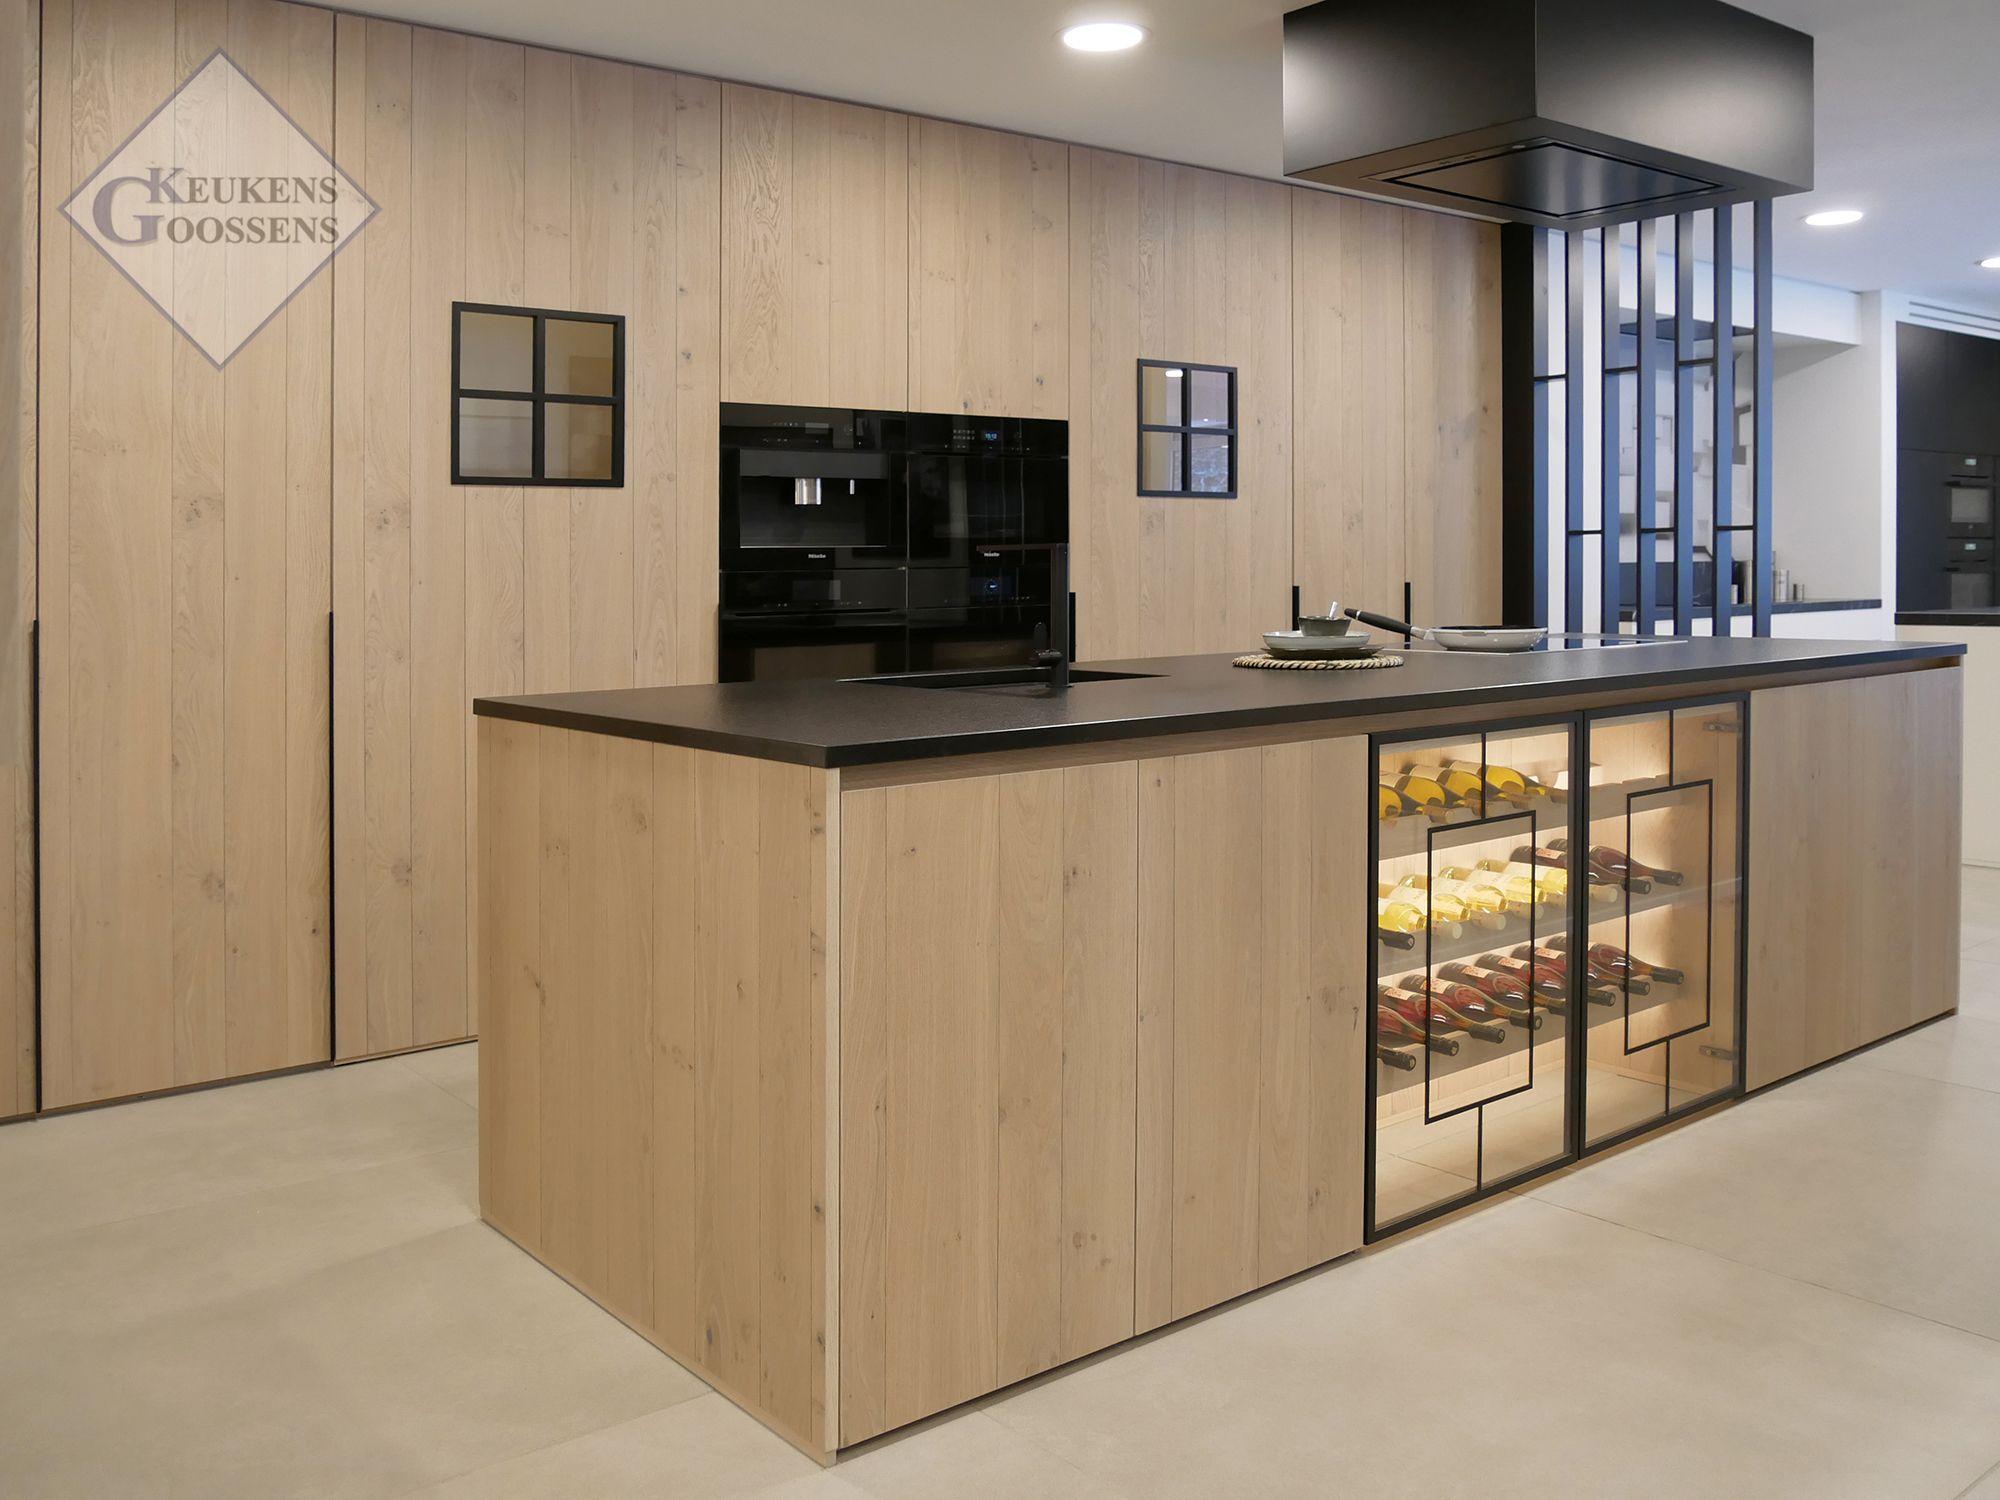 Goossens Keukens Nv Landelijke Keuken Landelijke Keuken Keuken Ontwerpen Keuken Idee